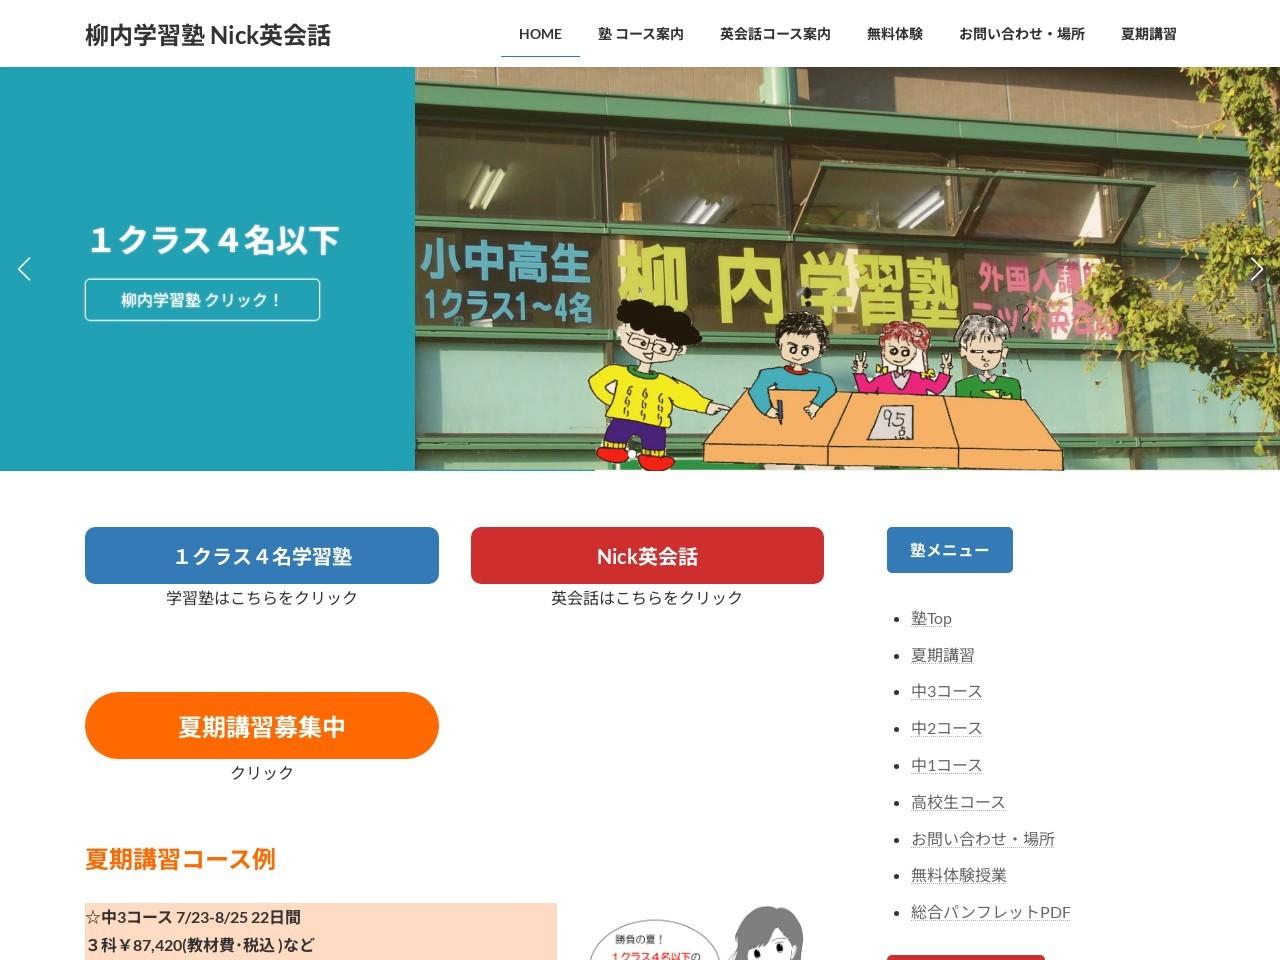 柳内学習塾ニック英会話/東青梅校